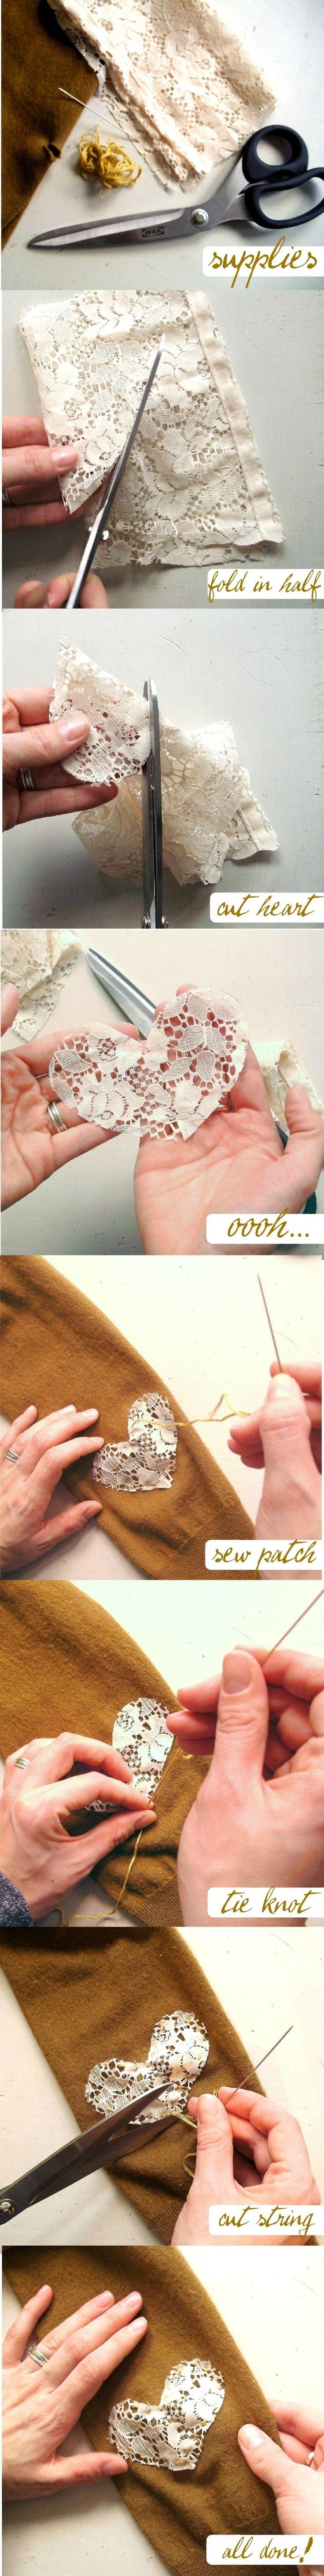 27 Useful Fashionable DIY Ideas, DIY: pretty lace detail